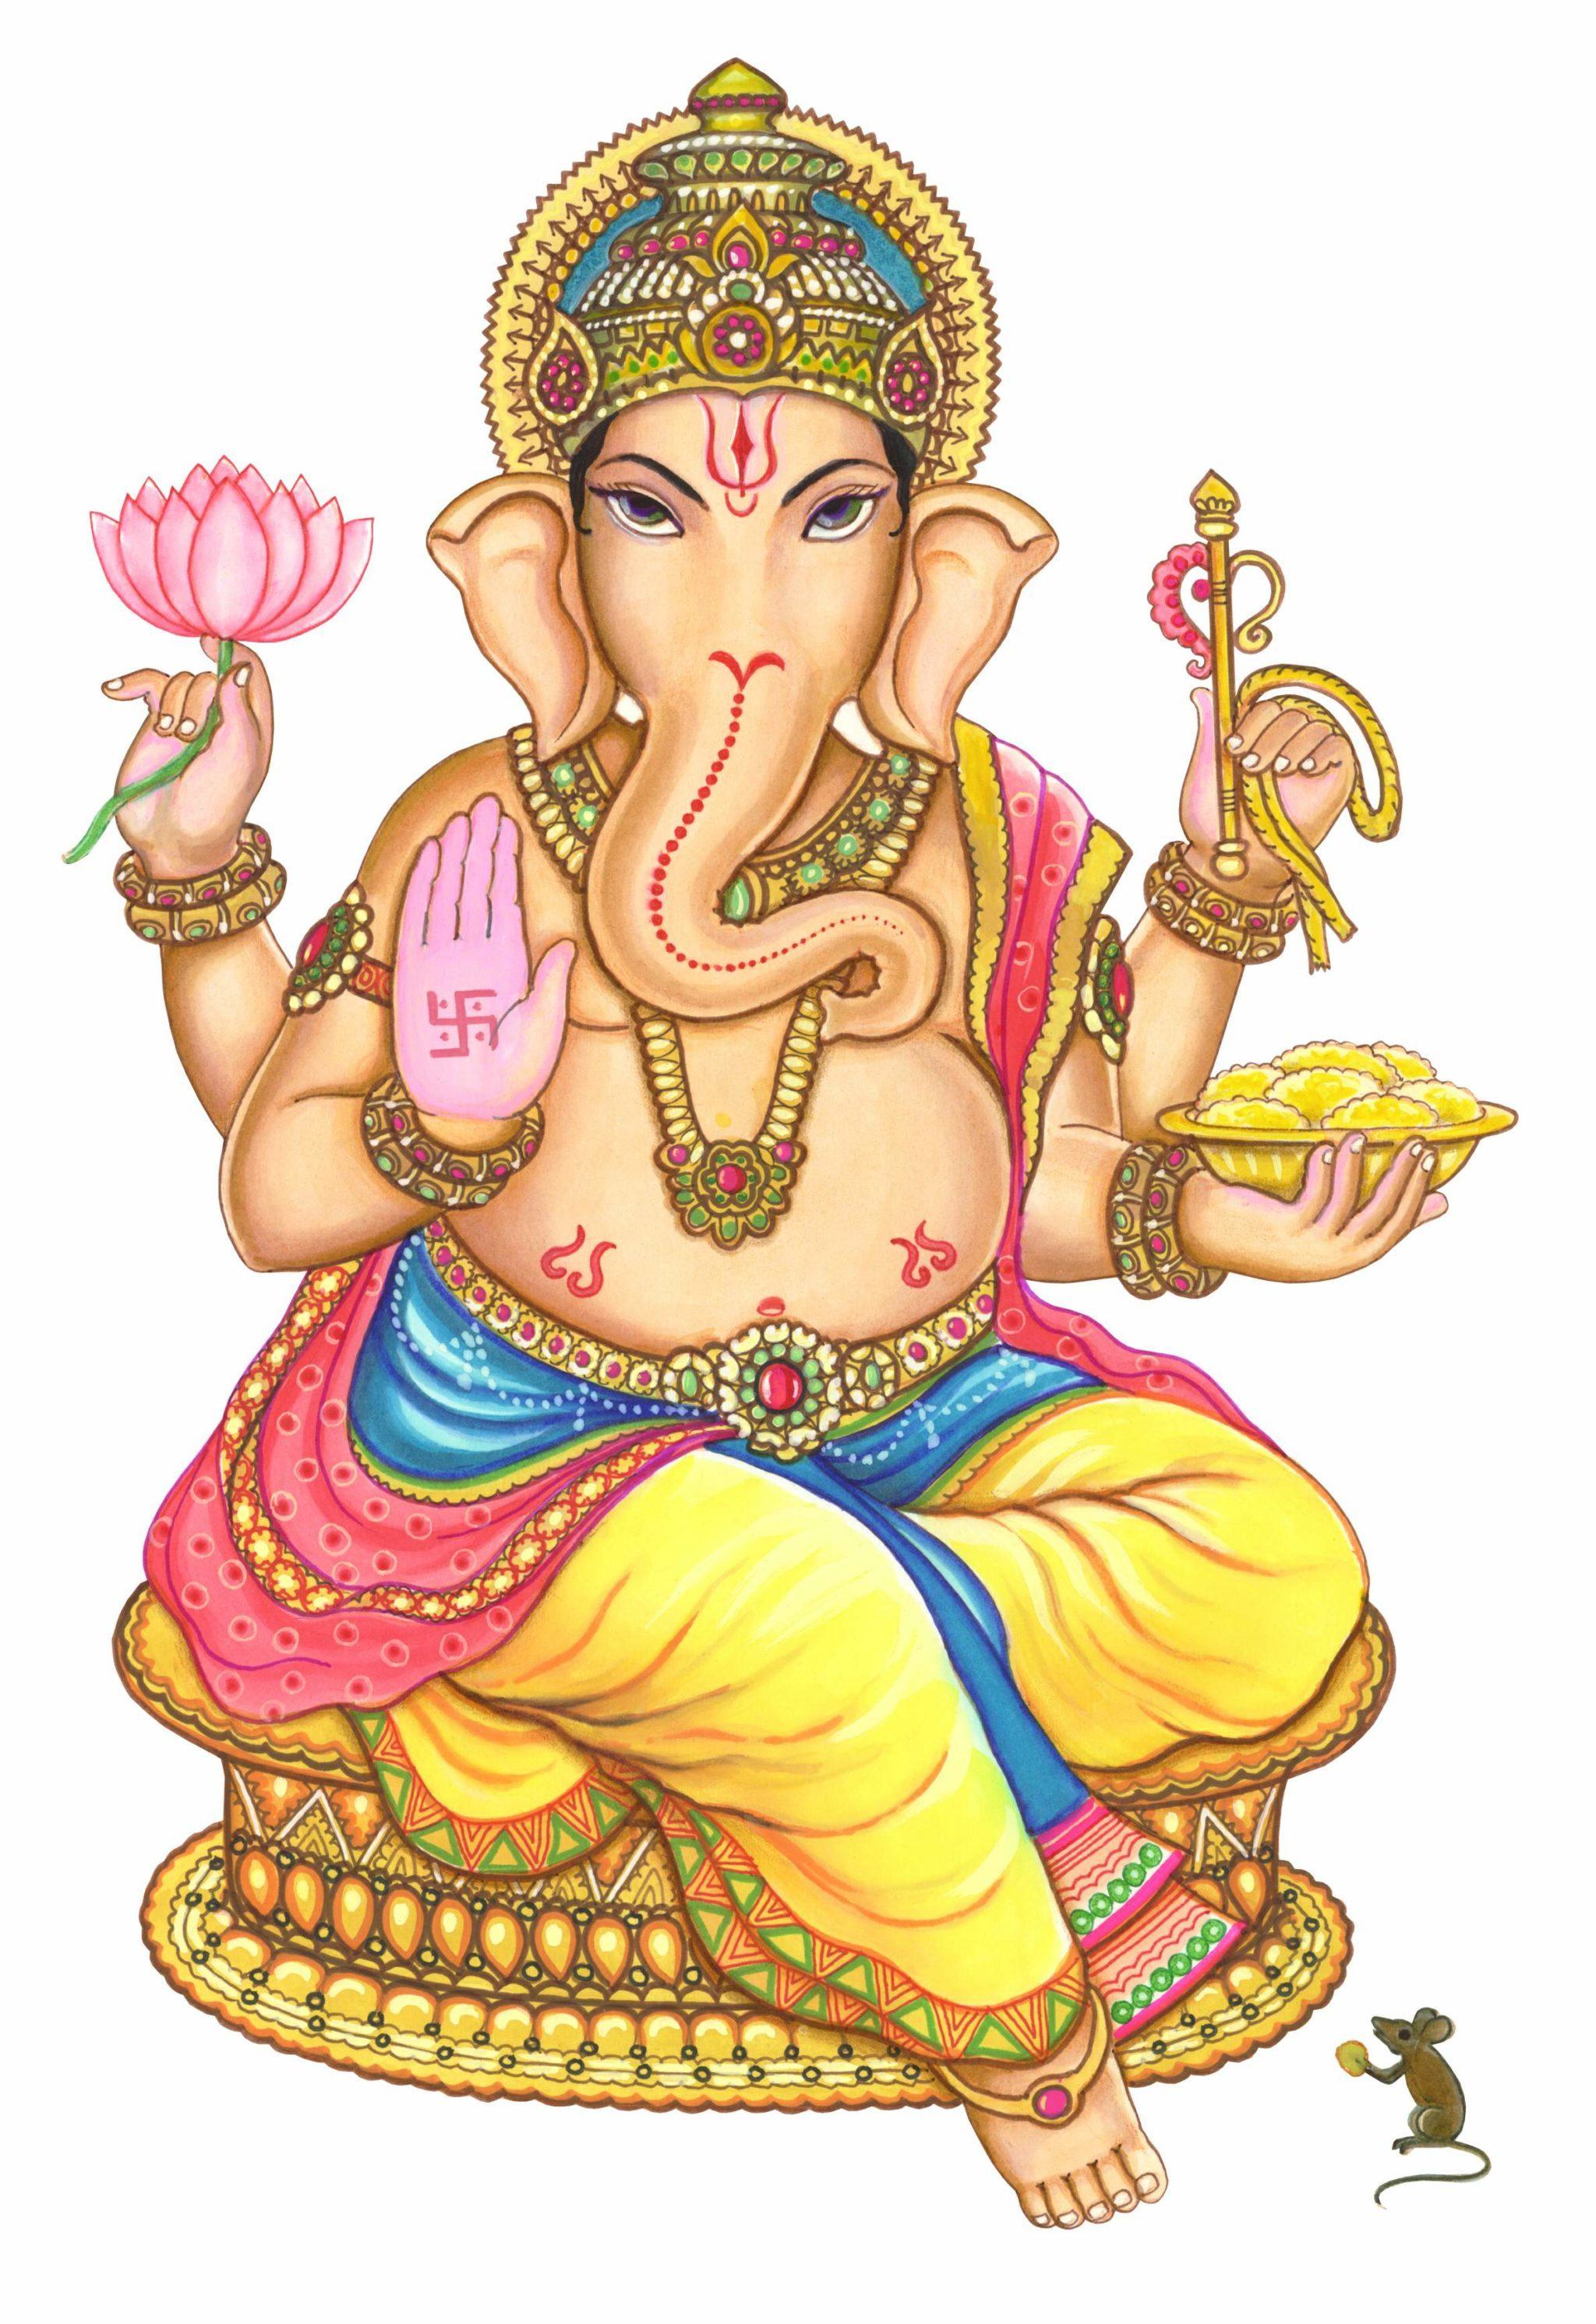 Ganesha Als Nritrya-ganpati Antiquitäten & Kunst buddhistische Darstellung Möbel & Wohnen